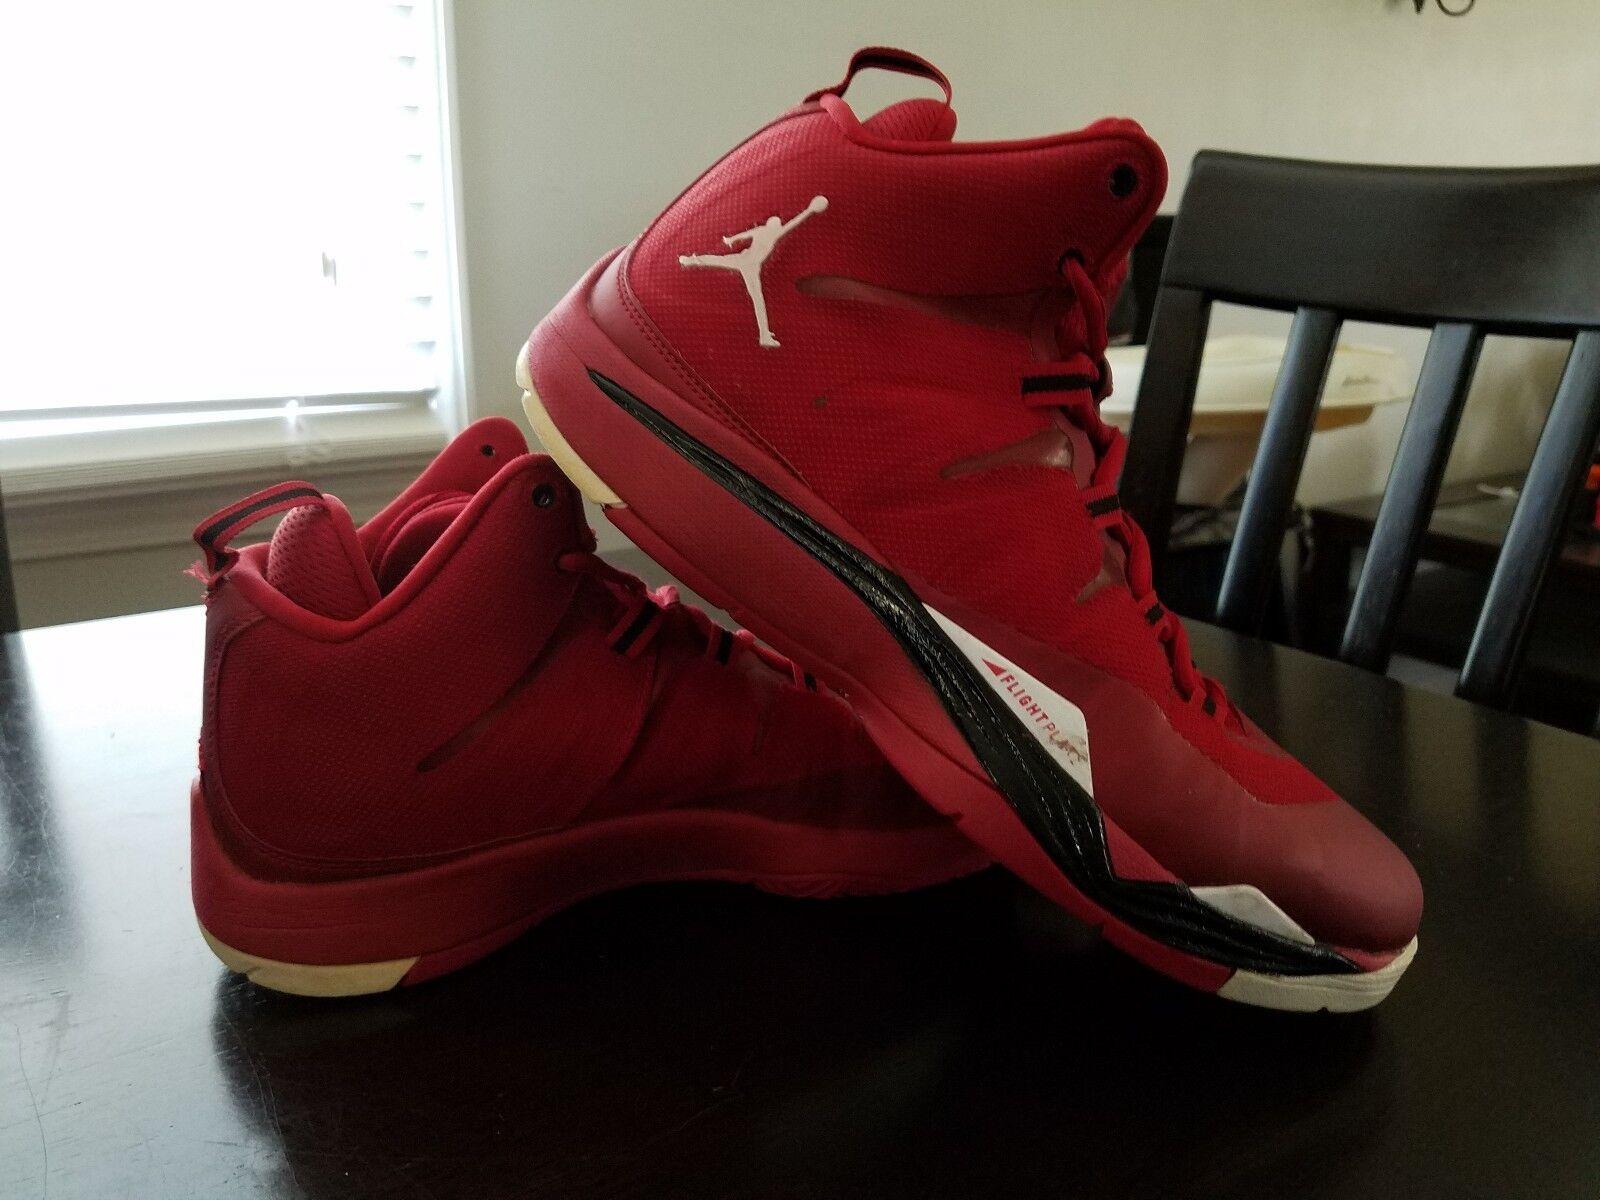 nike air jordan 8 rosso, bianco e nero | | | Materiali Di Alta Qualità  | Scolaro/Ragazze Scarpa  | Maschio/Ragazze Scarpa  93beee